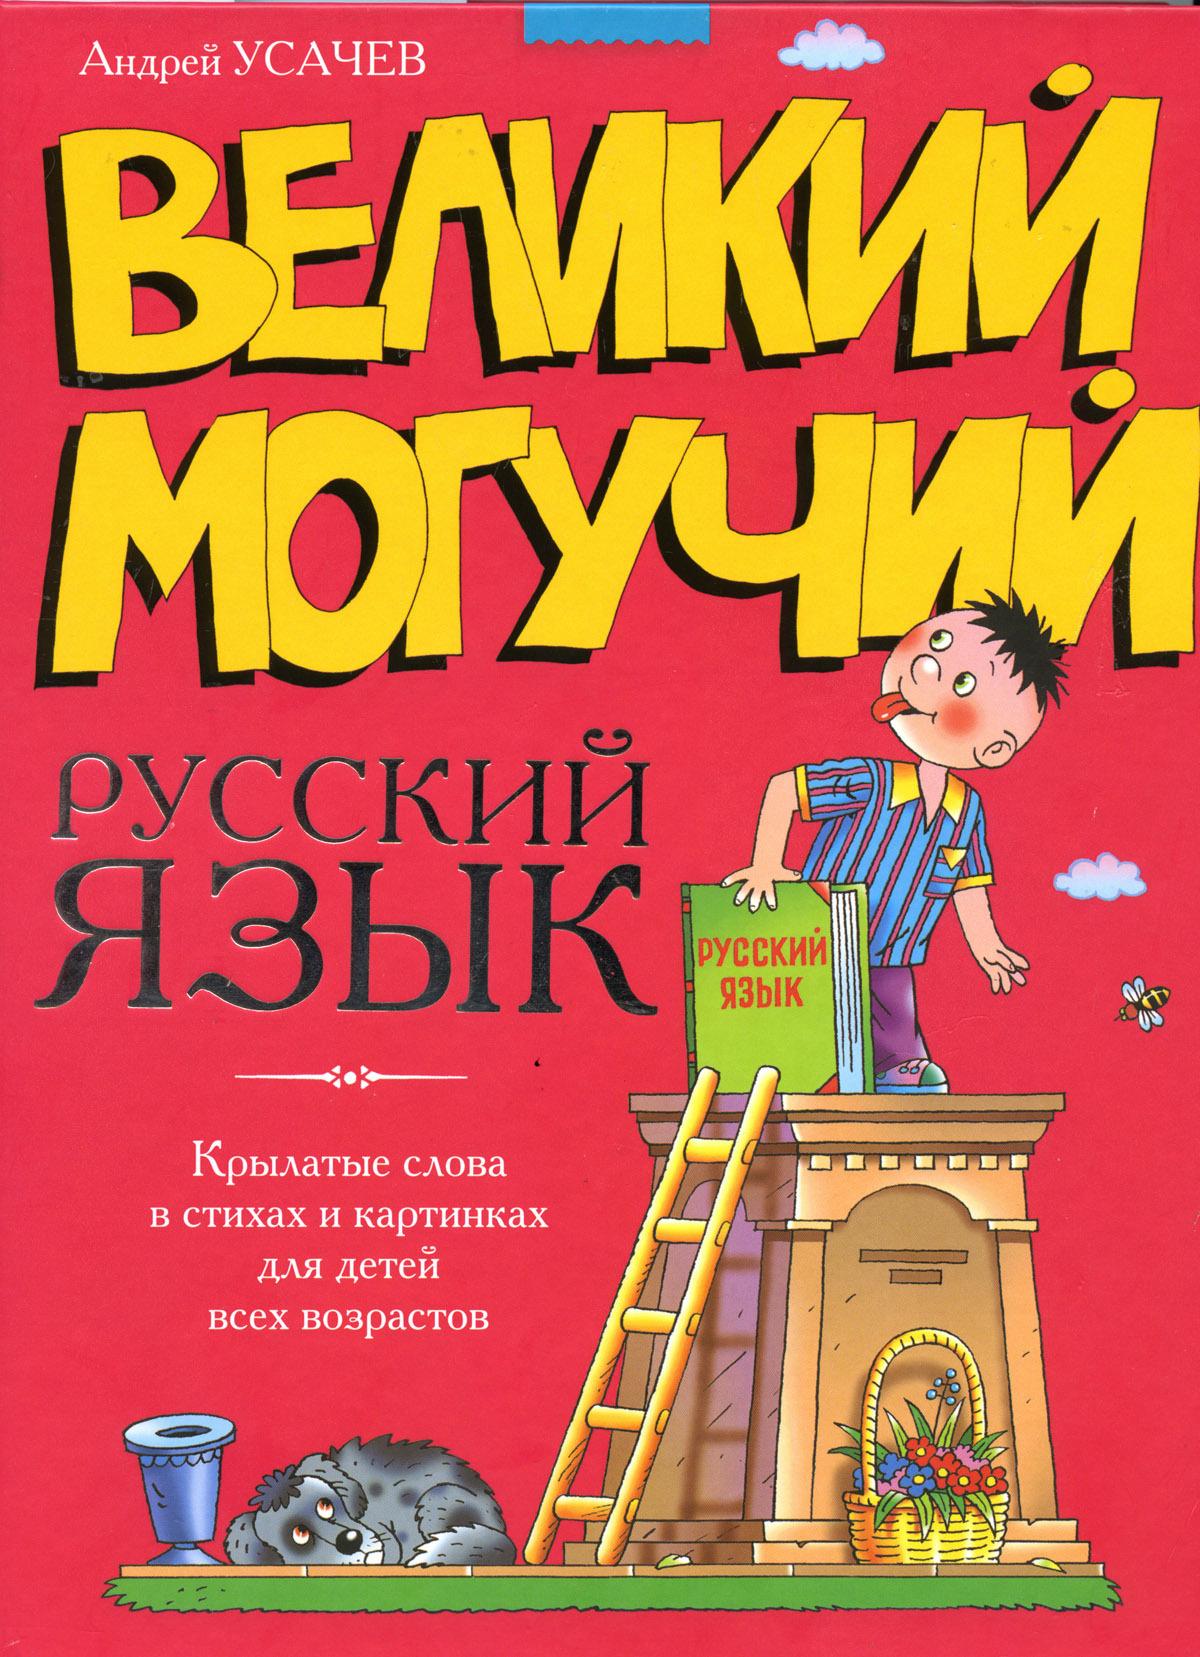 Русский язык картинки для детей, открытки спокойной